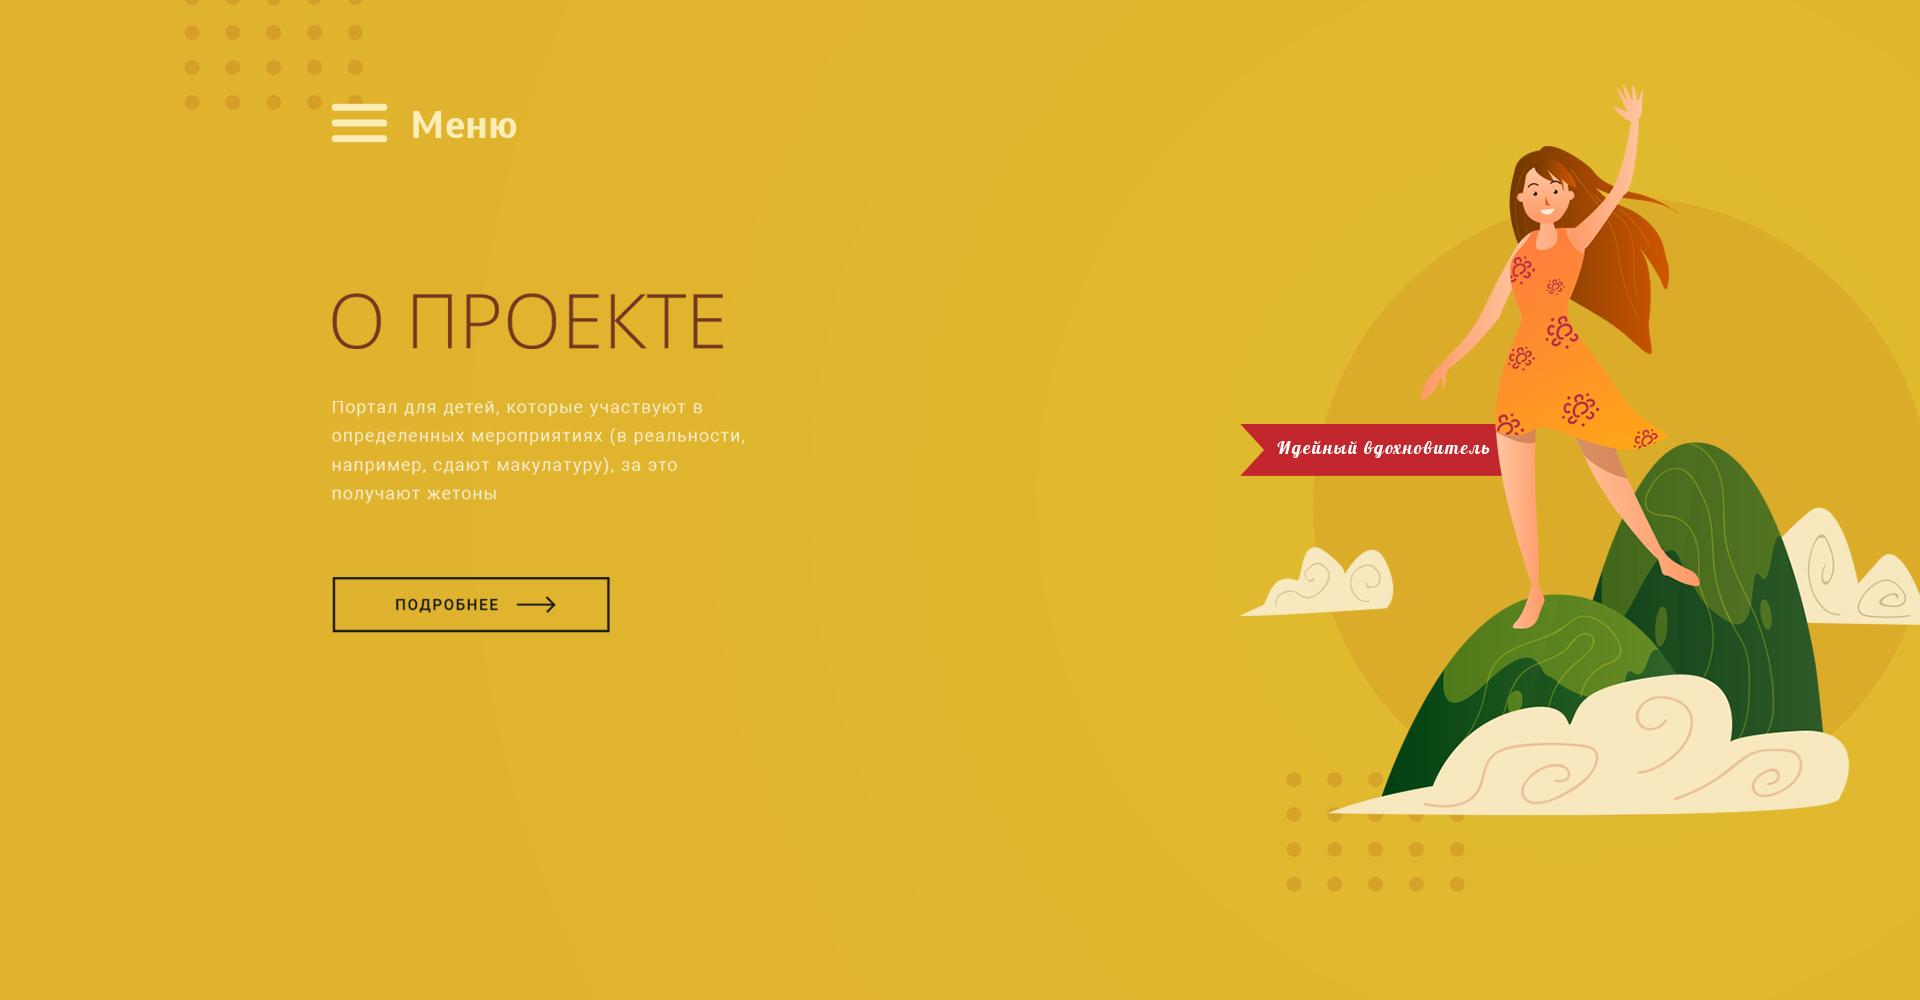 Креативный дизайн внутренней страницы портала для детей фото f_5165cfeb0dbda249.jpg